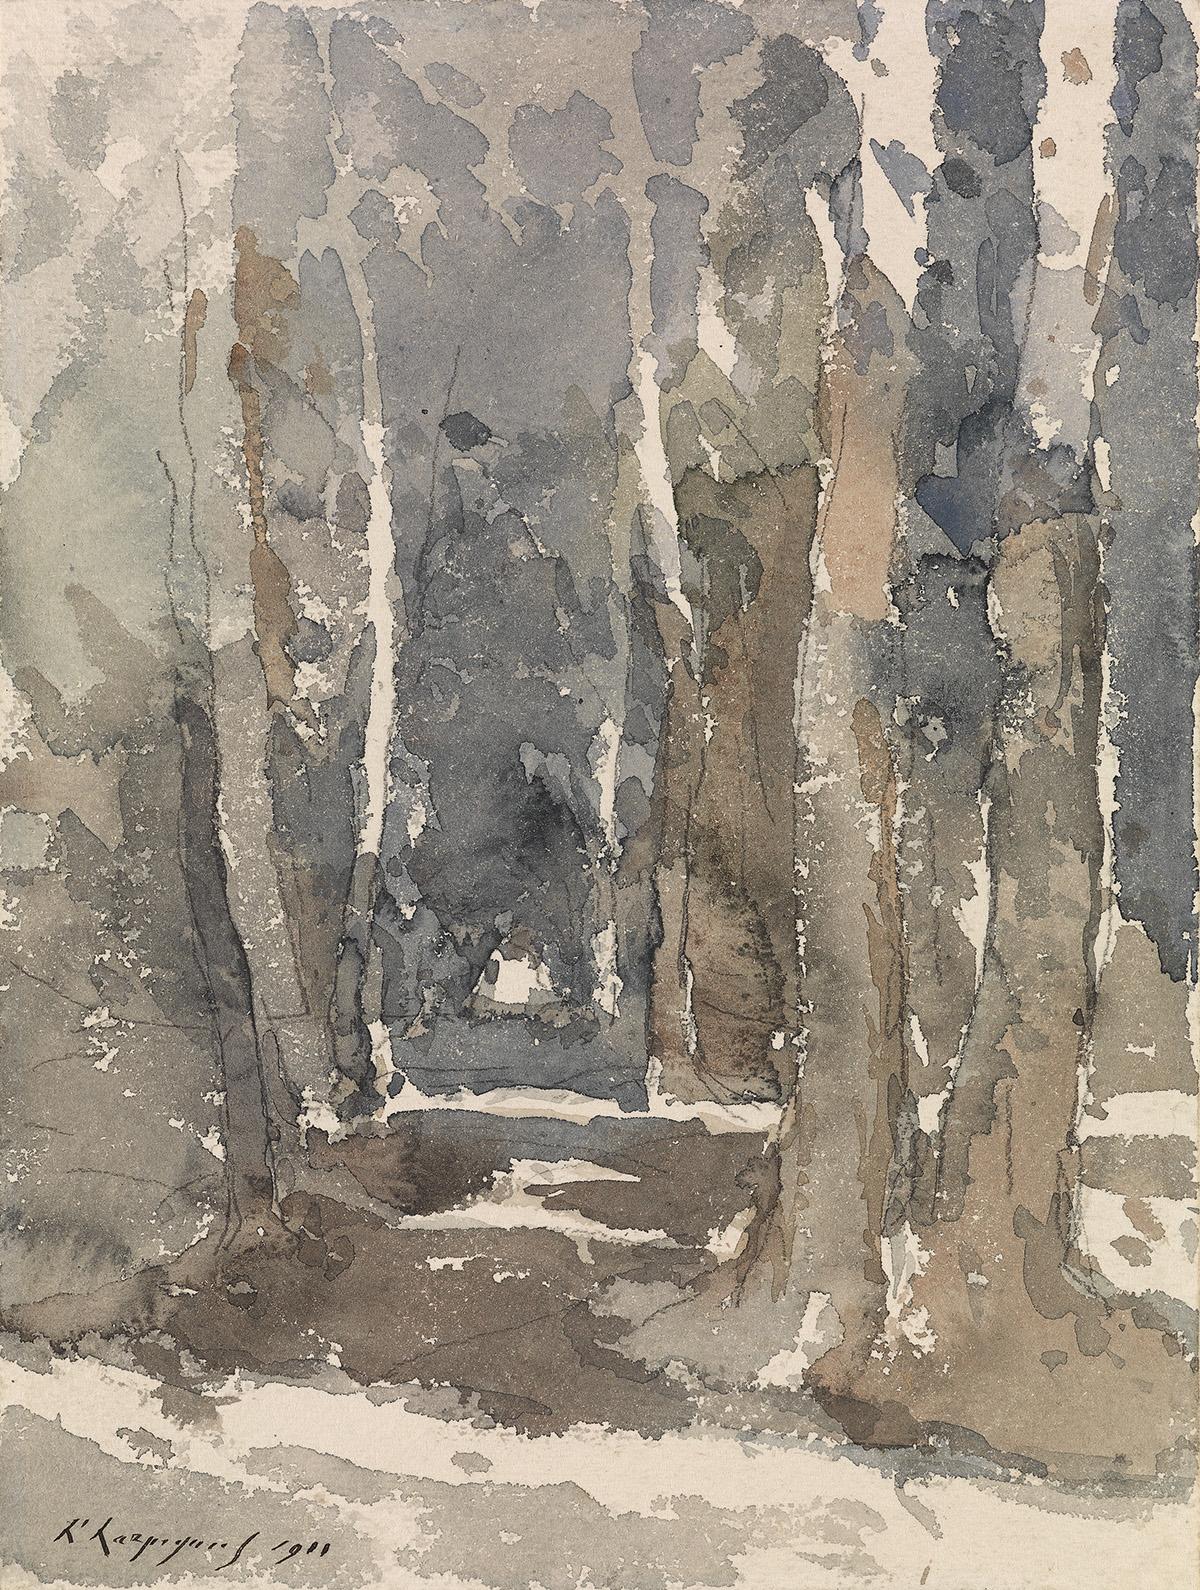 HENRI-JOSEPH-HARPIGNIES-(Valenciennes-1819-1916-Saint-Privé)-A-Wooden-Landscape-with-a-Path